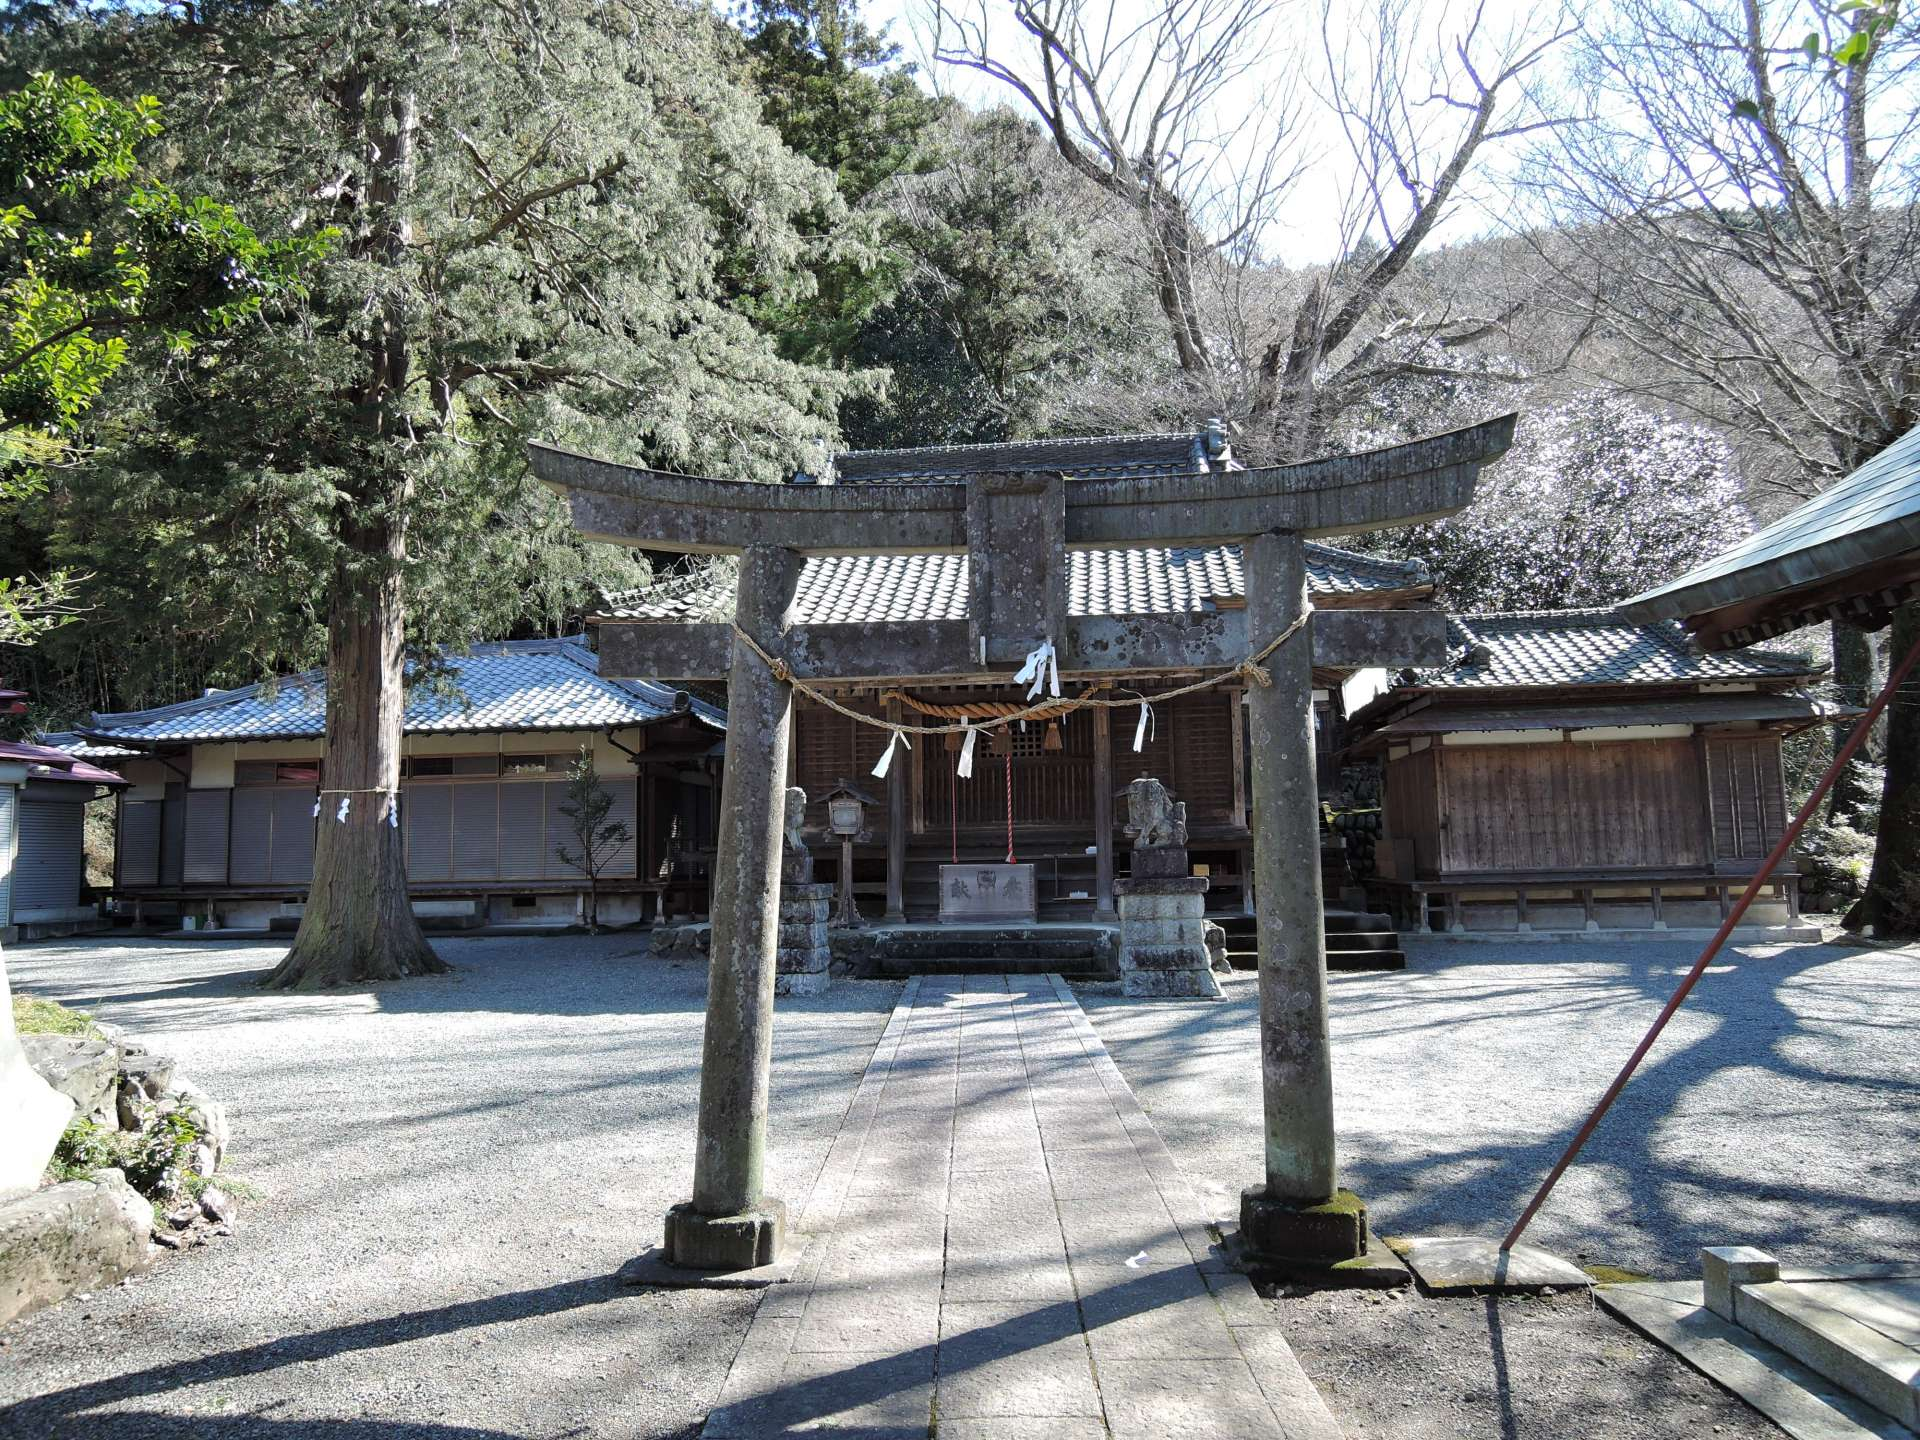 雄偉的神殿和境內莊嚴肅穆的氛圍令人心神寧靜。